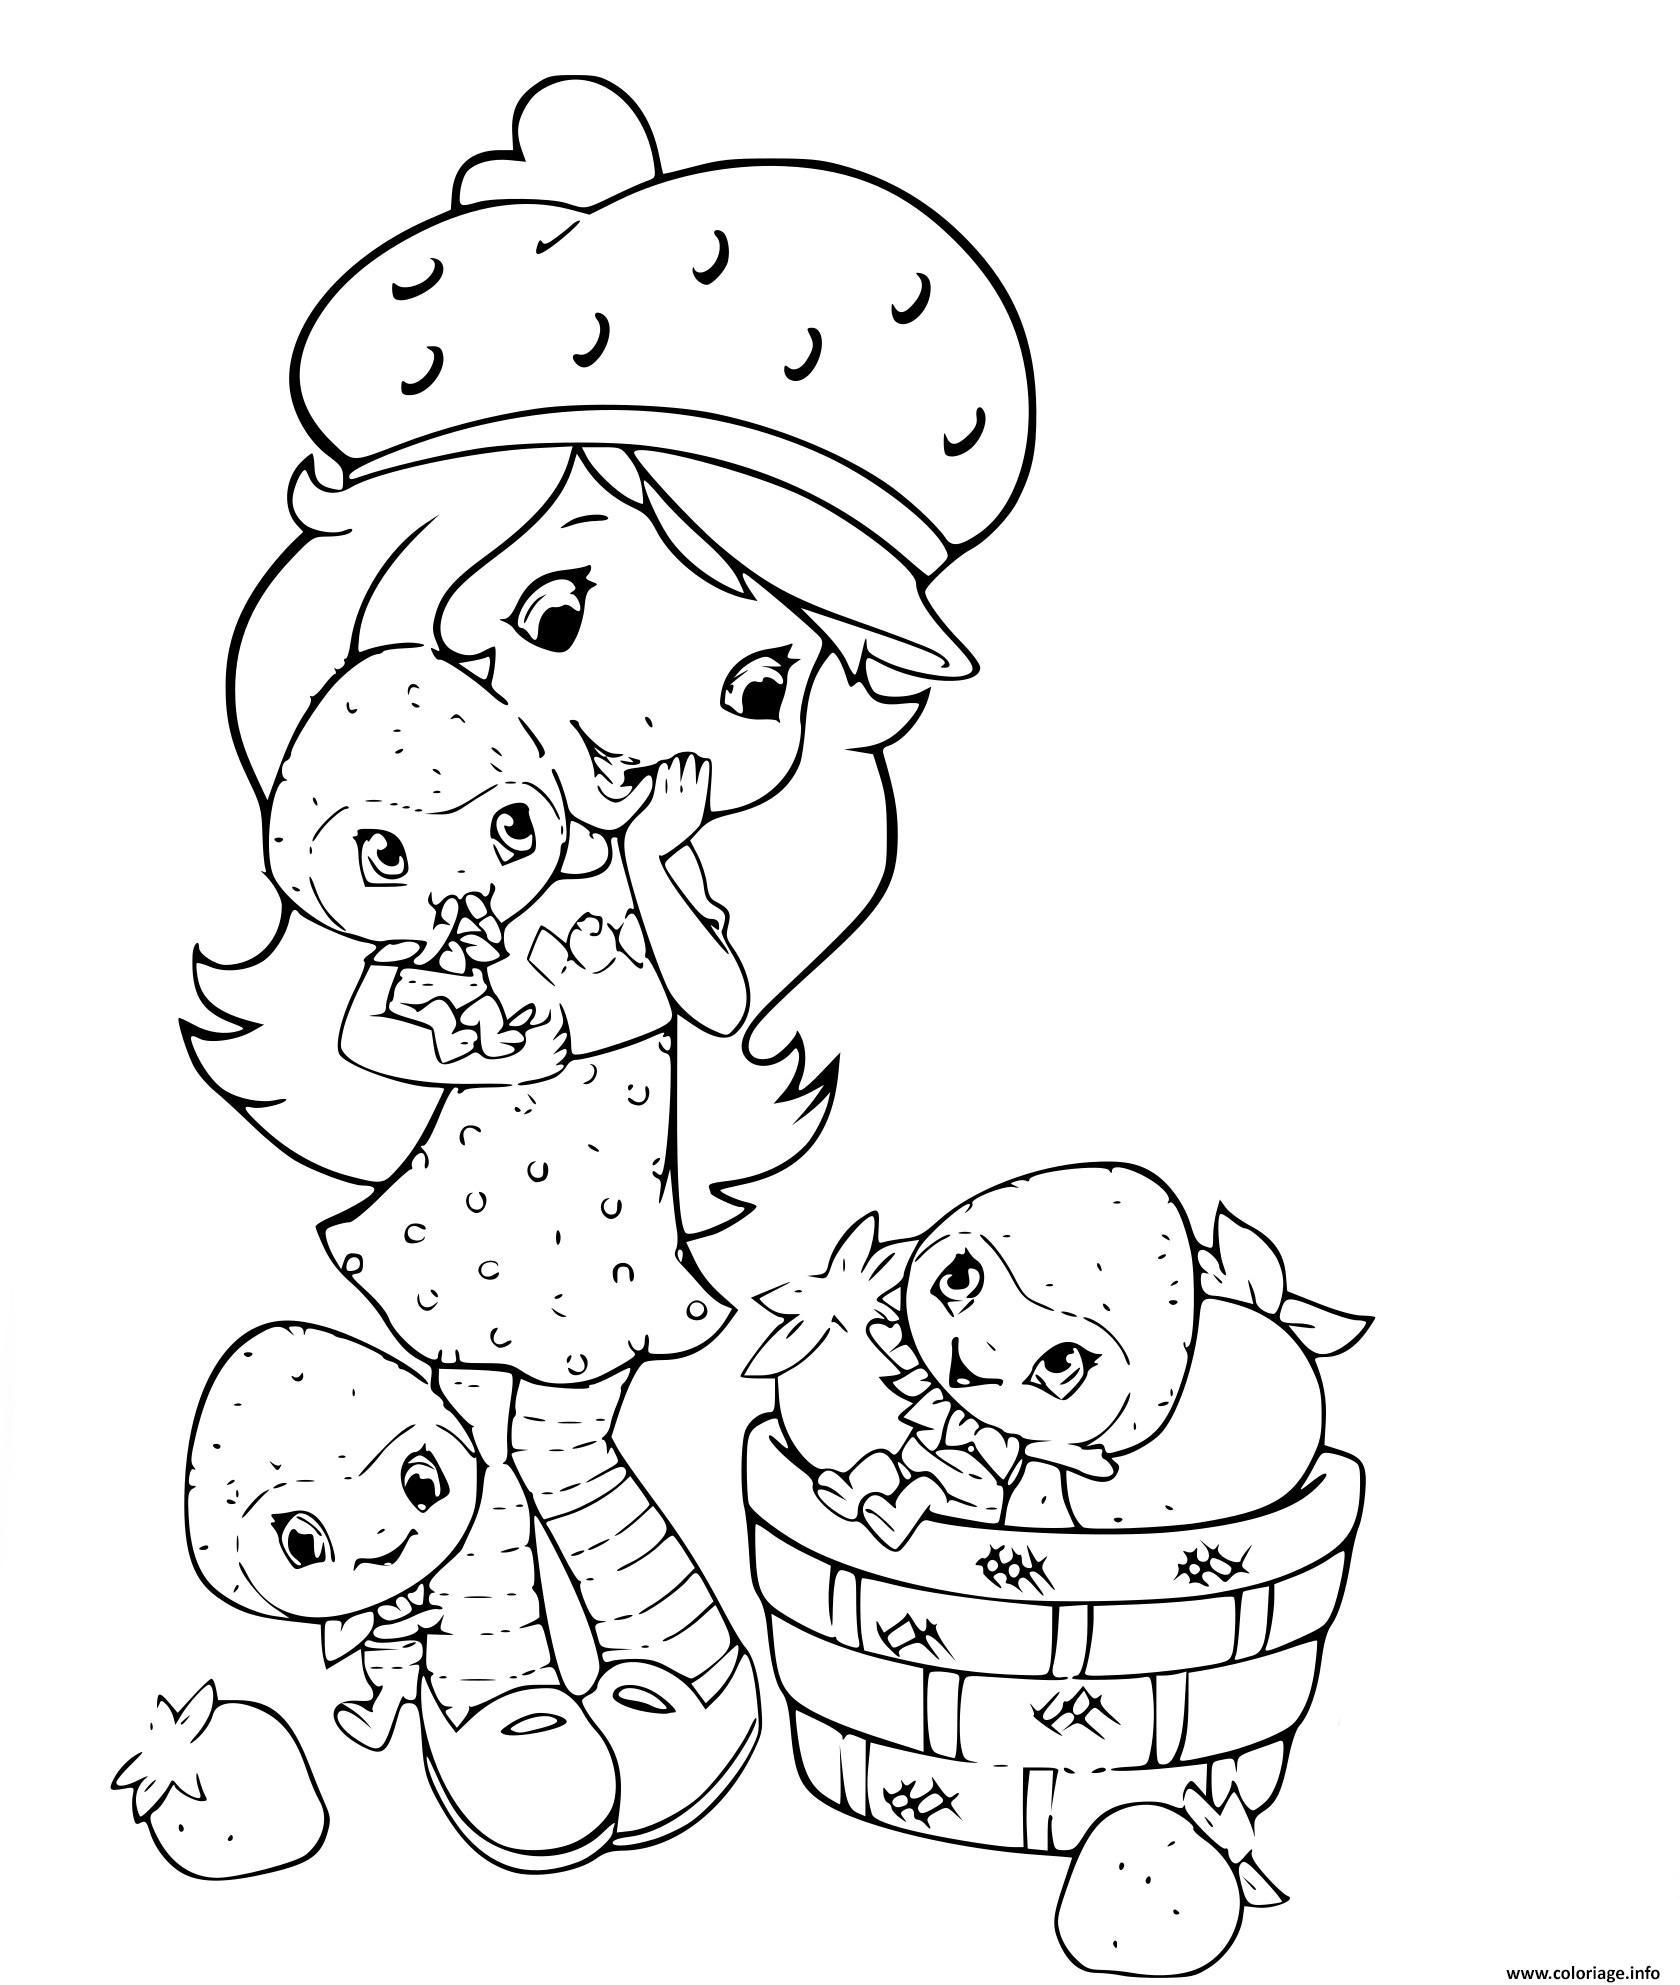 Dessin fraisinette strawberry Coloriage Gratuit à Imprimer